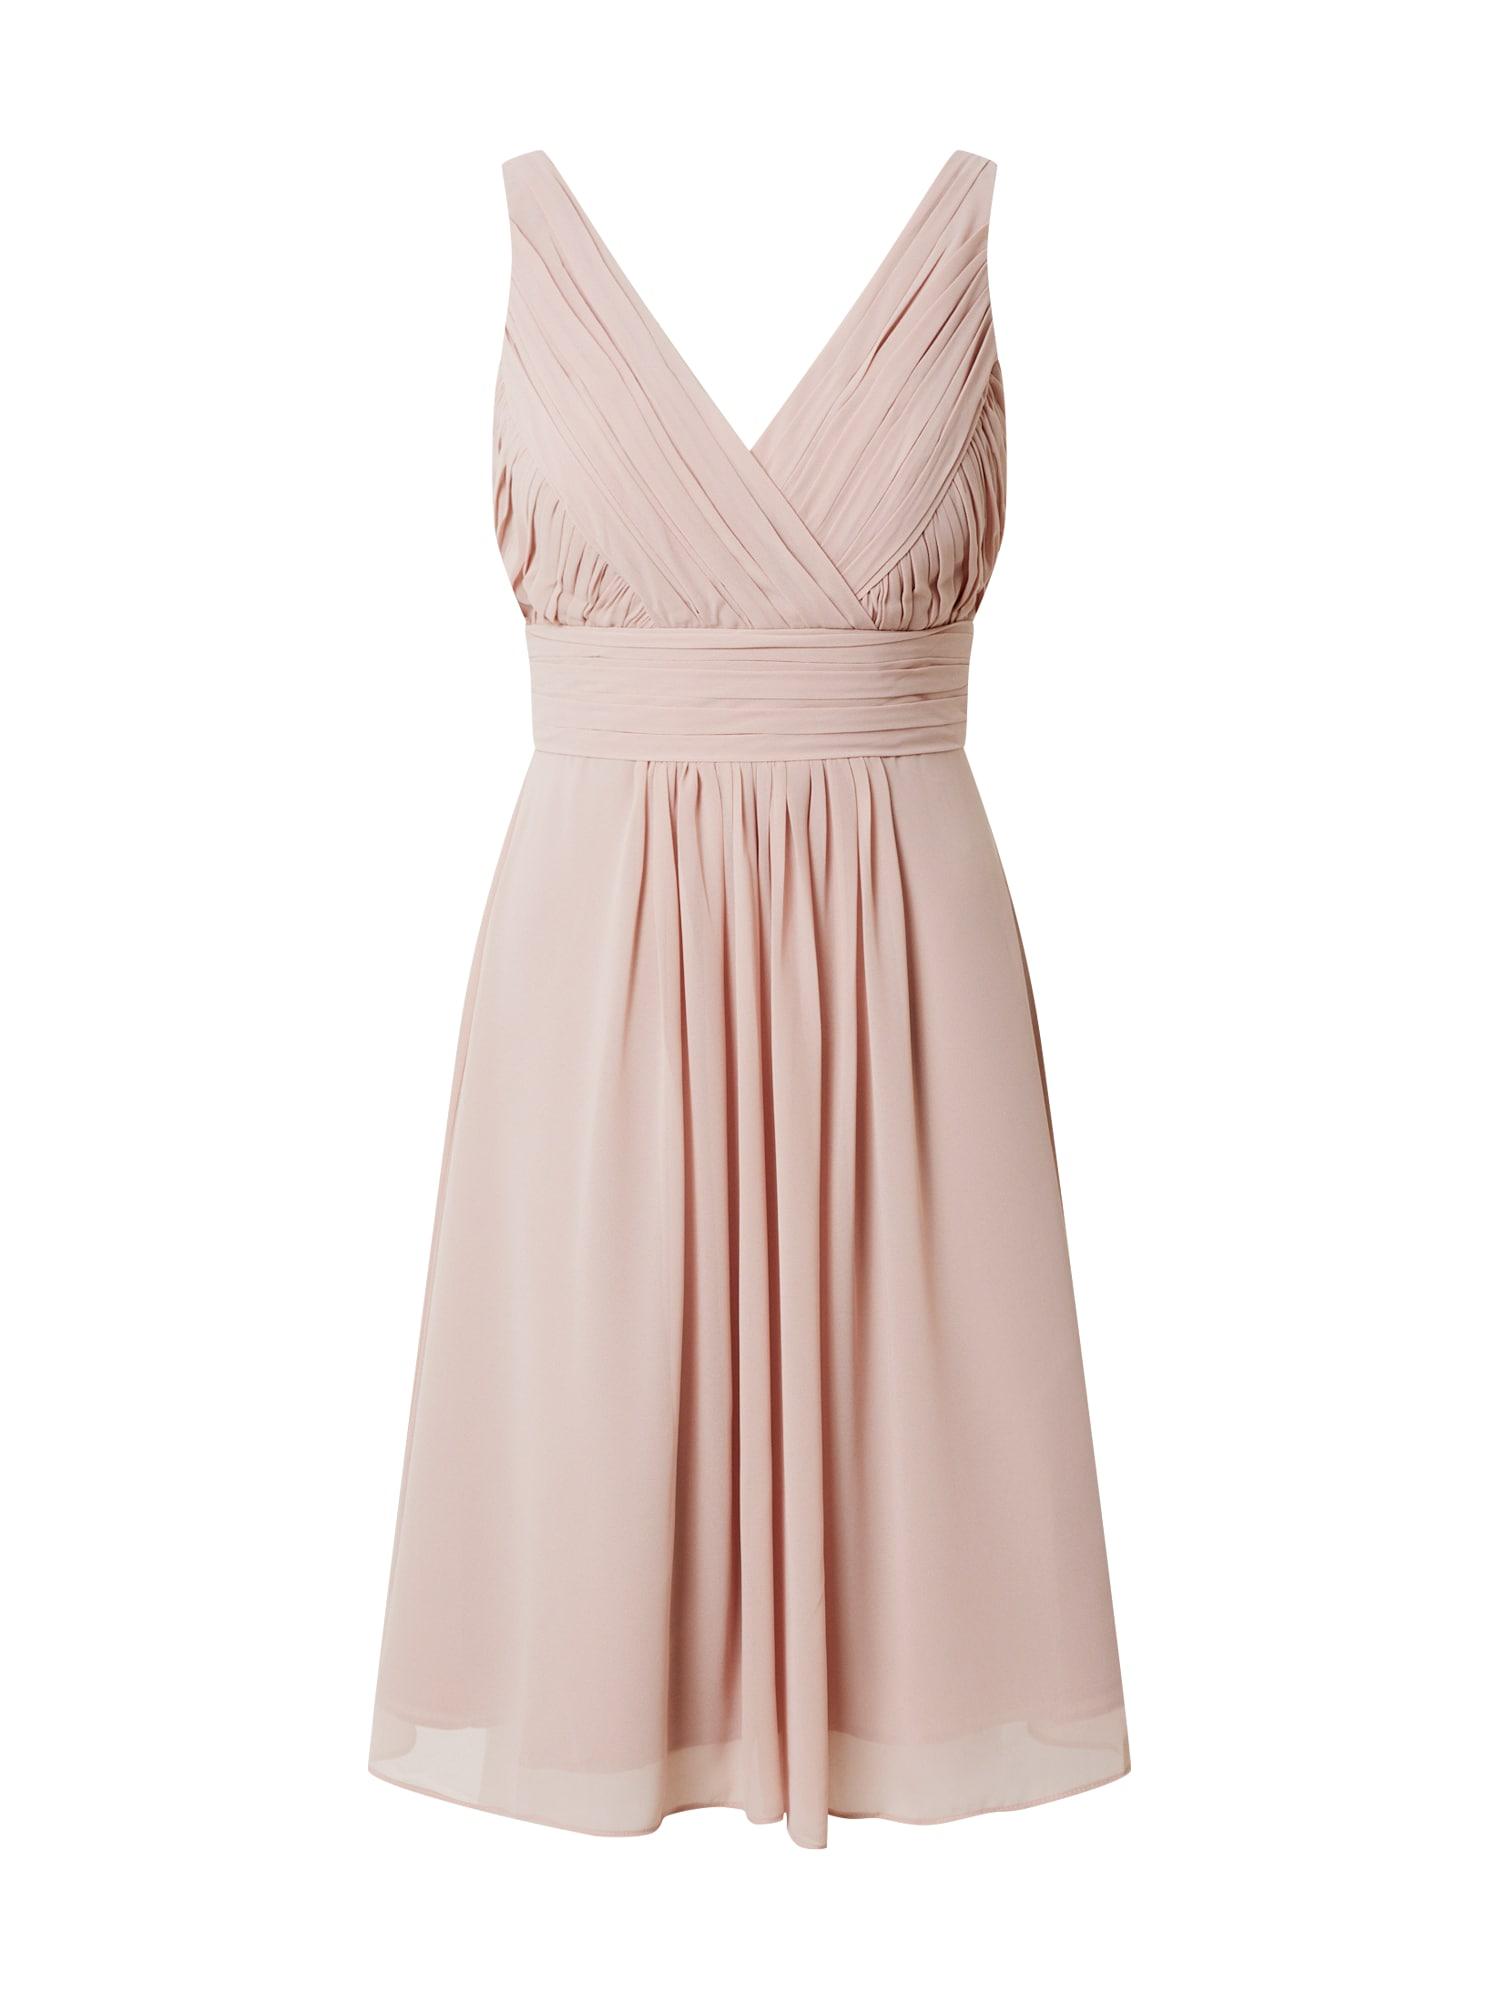 STAR NIGHT Suknelė pastelinė rožinė